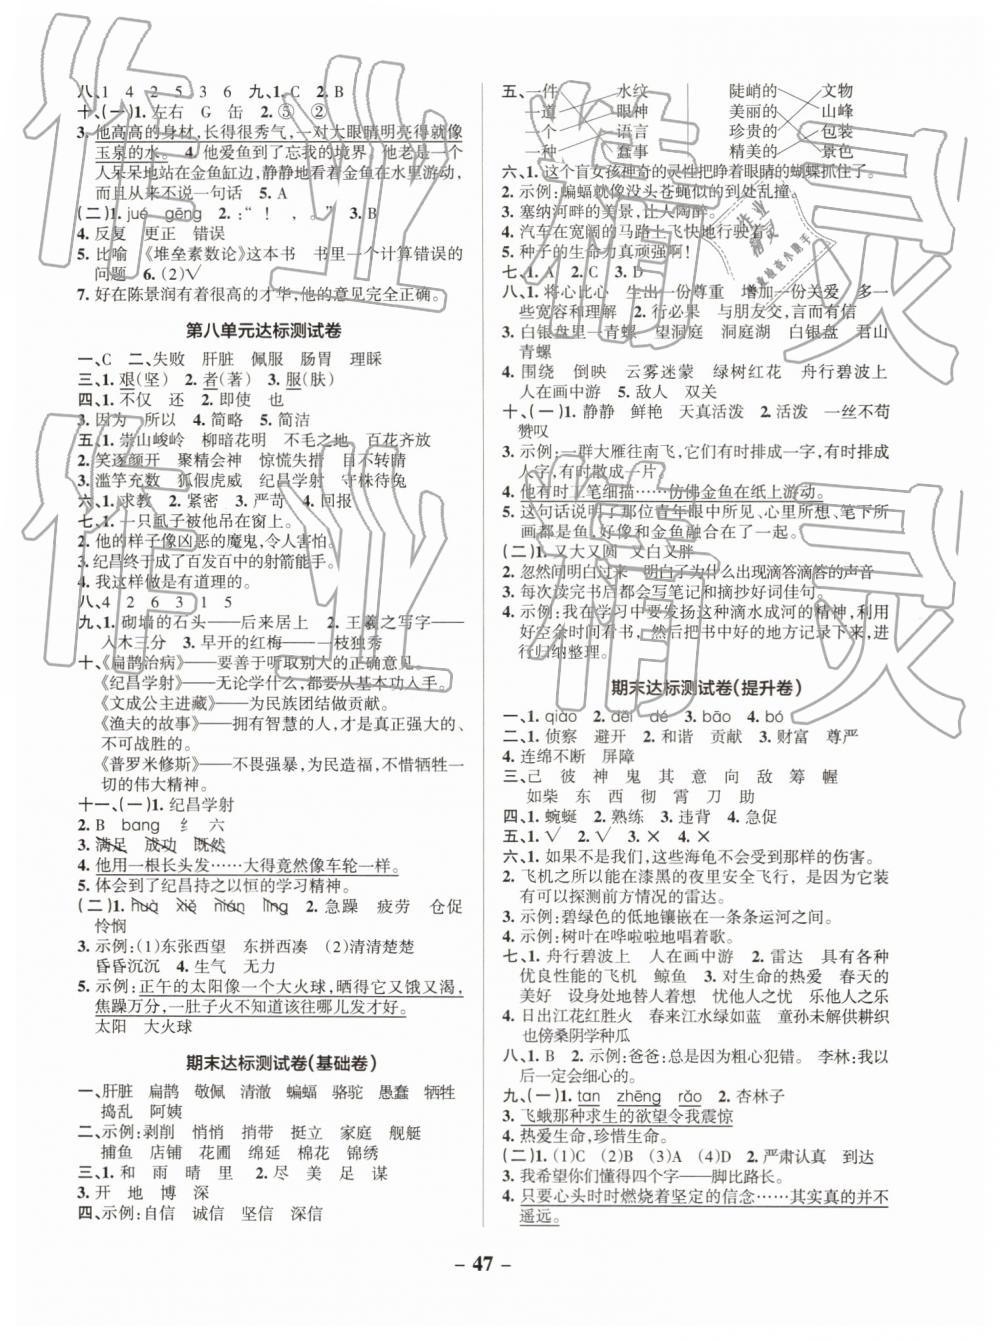 2019年小学学霸作业本四小学下册语文电话版沪宁年级人教图片